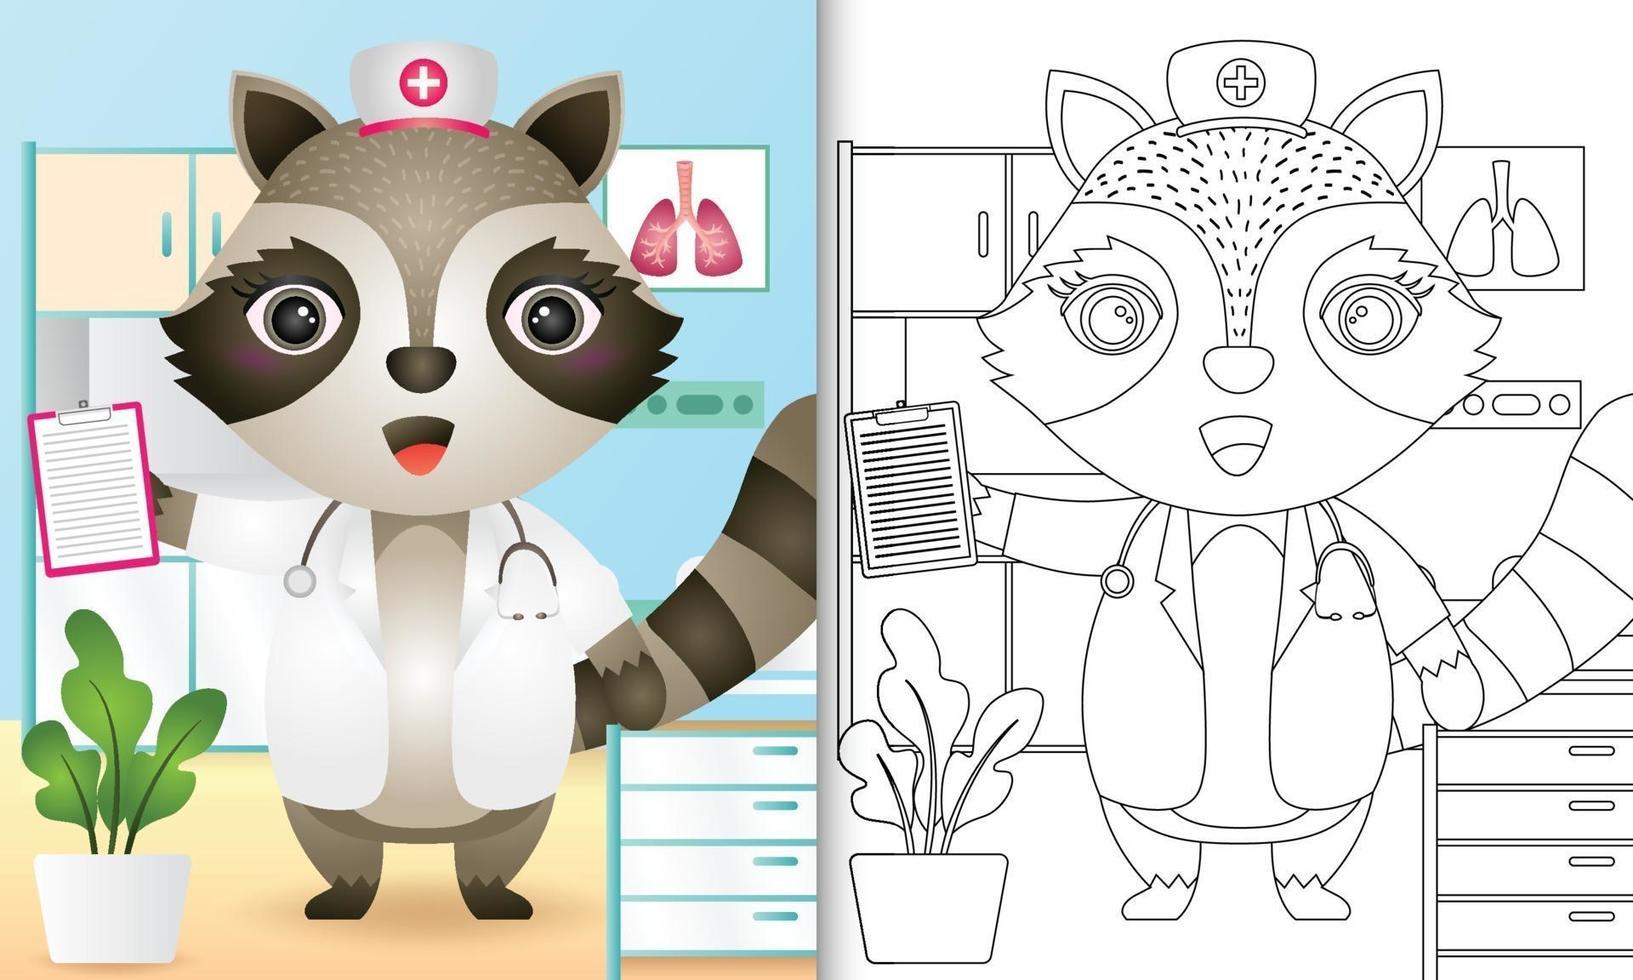 libro para colorear para niños con una linda ilustración de personaje de enfermera mapache vector